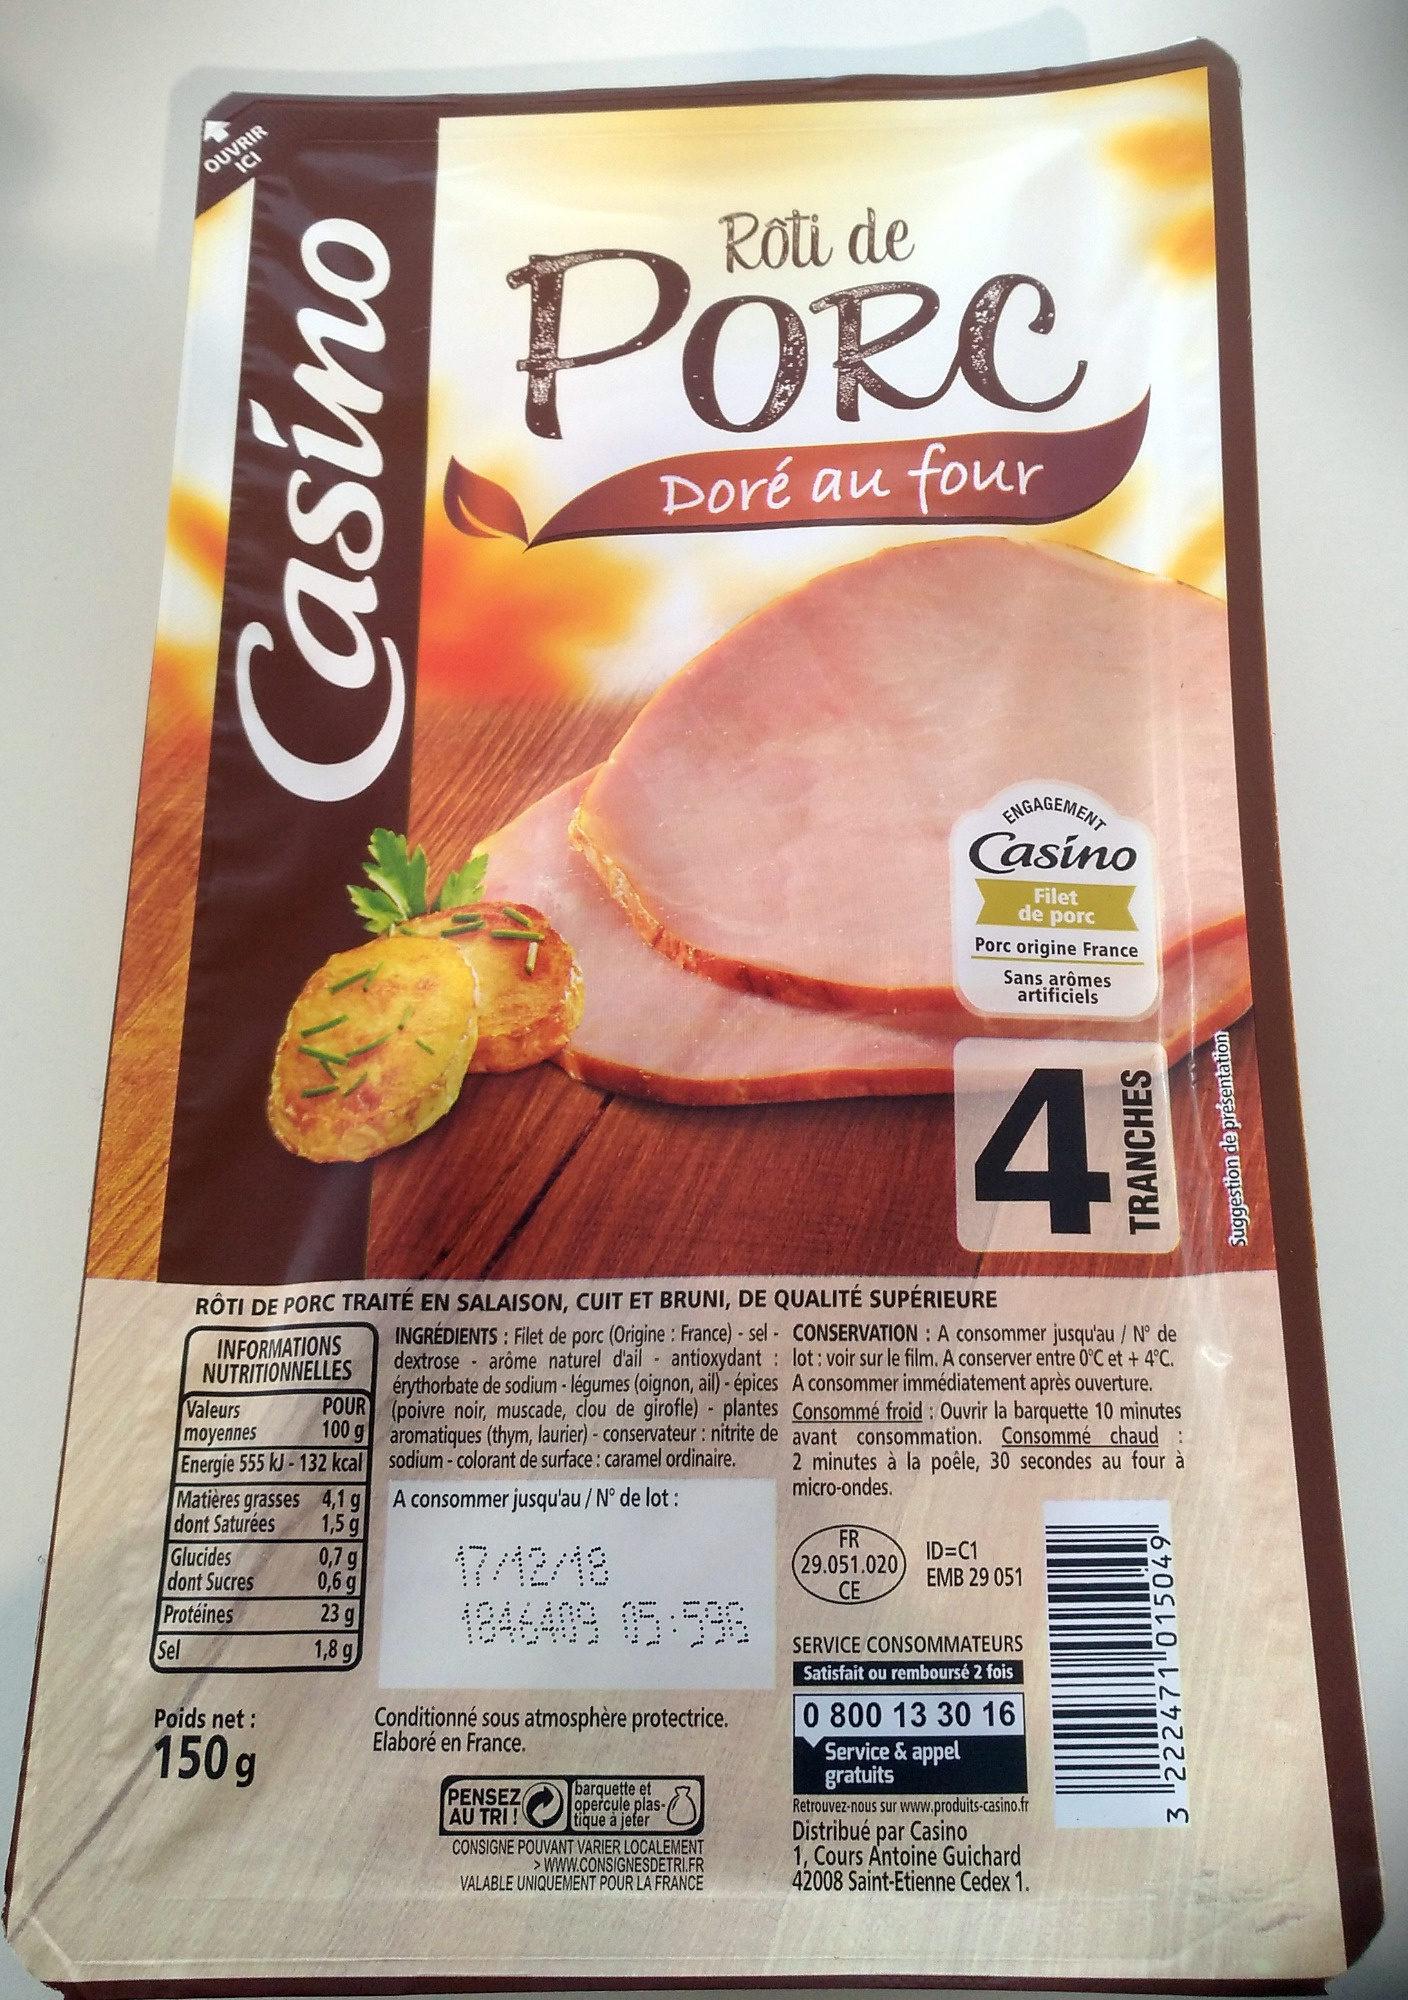 Rôti de Porc doré au four - Product